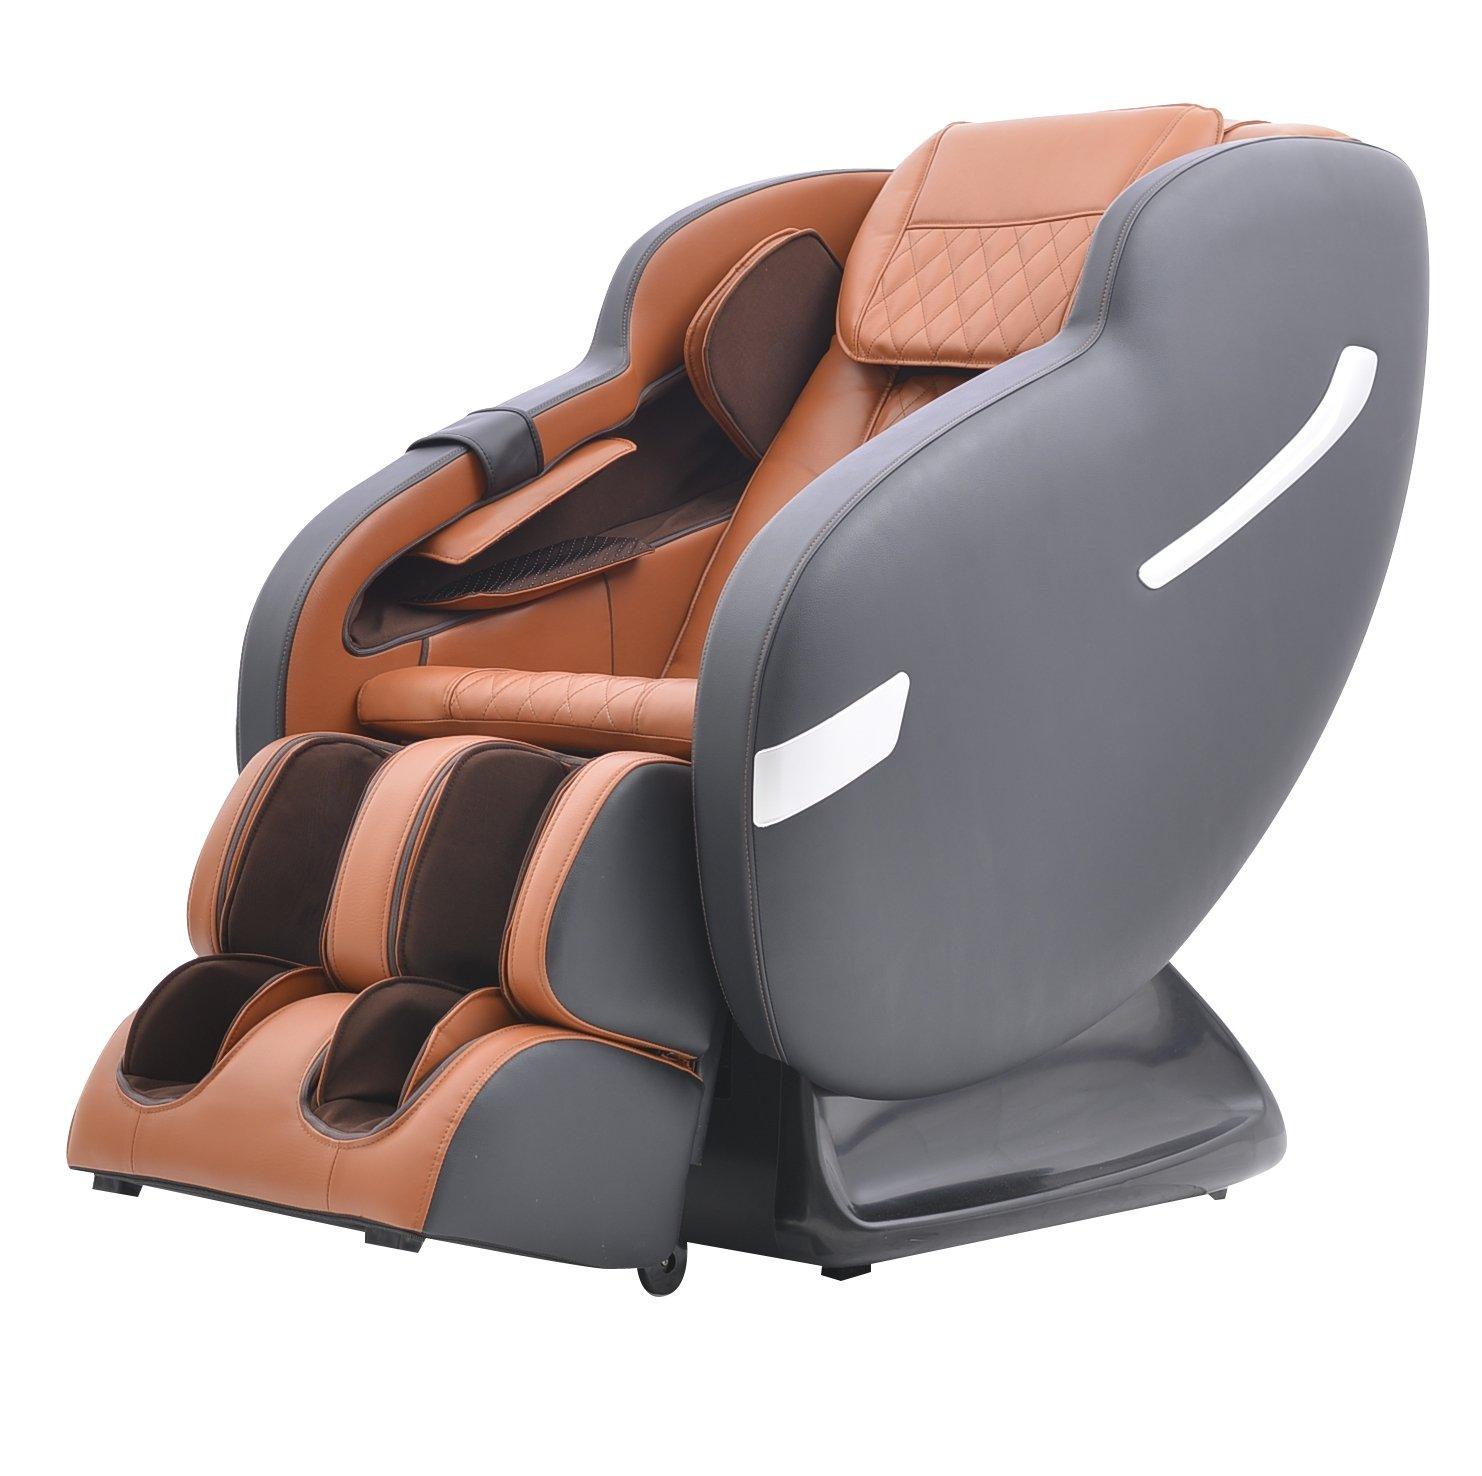 Afbeelding van T-Chair TC-395 elektrische massagestoel